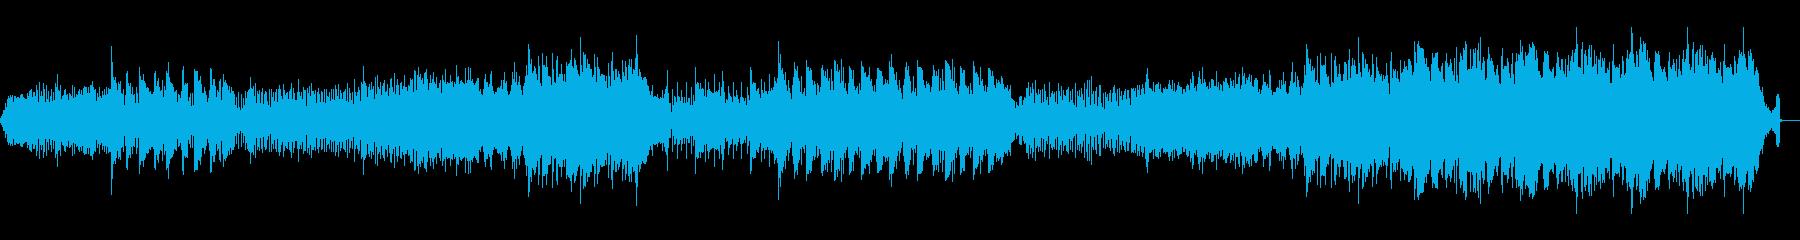 洞窟やダンジョン、ダークなエレクトロニカの再生済みの波形